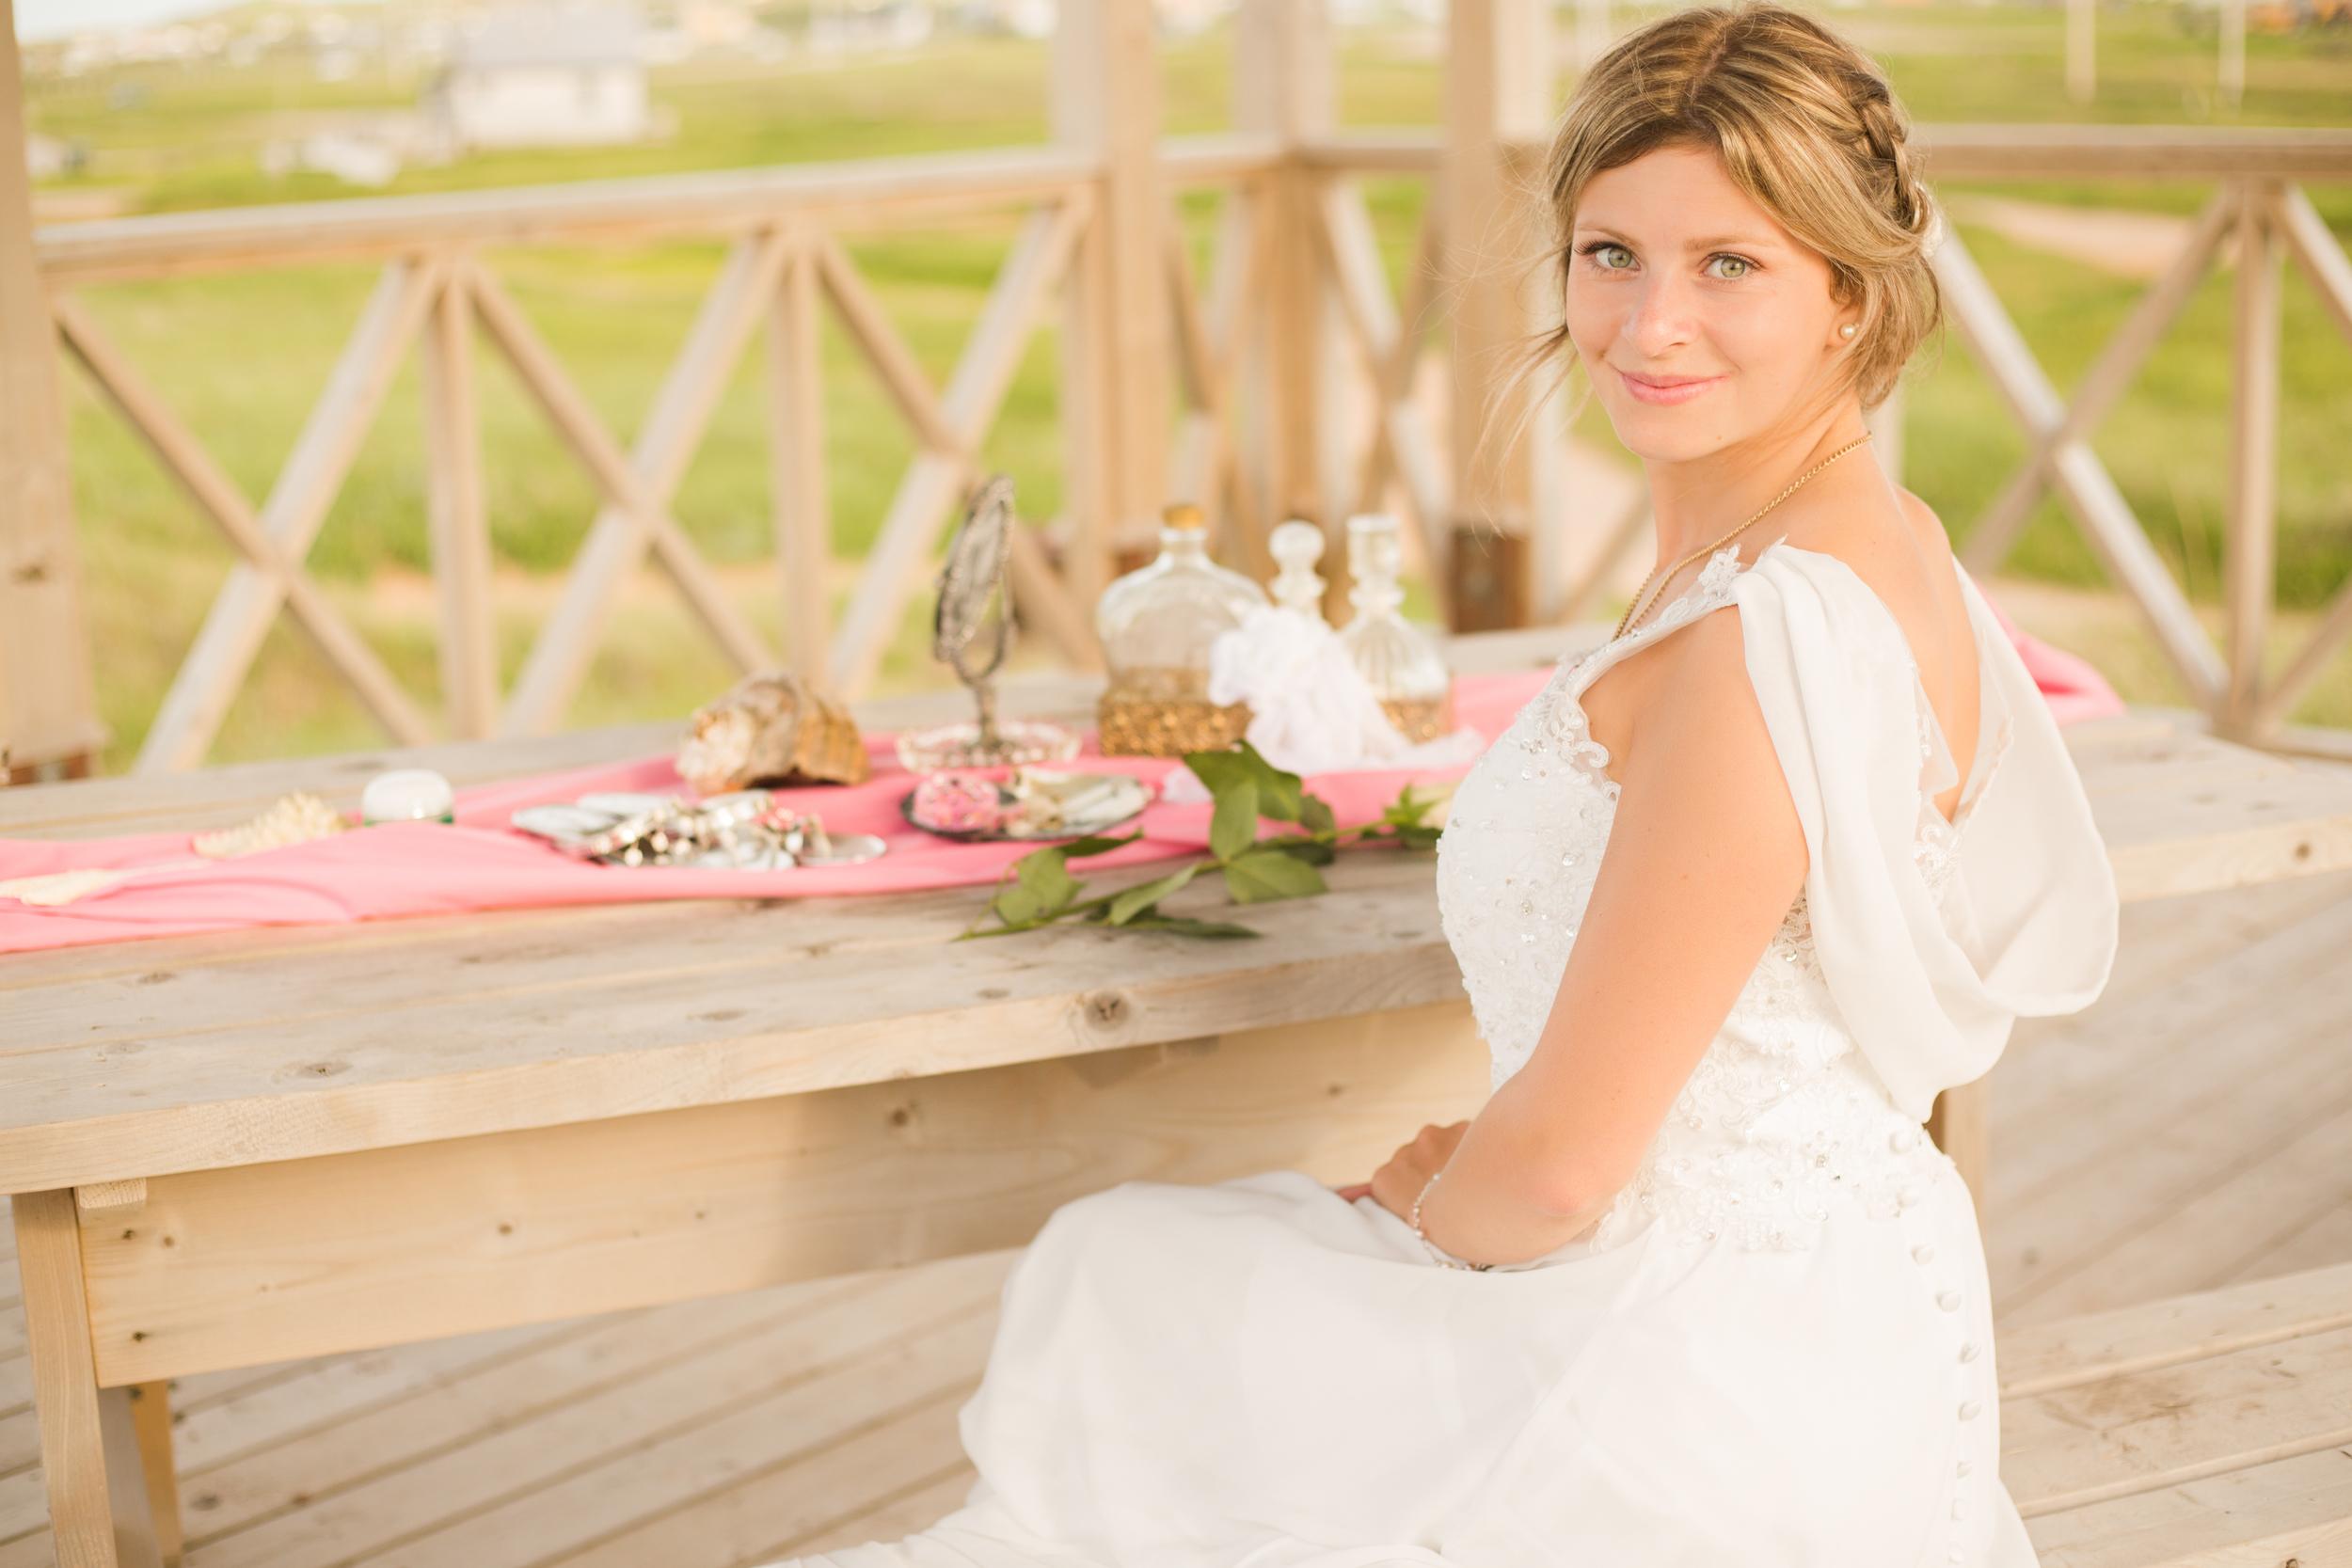 creatif-mariage-juin-38.jpg